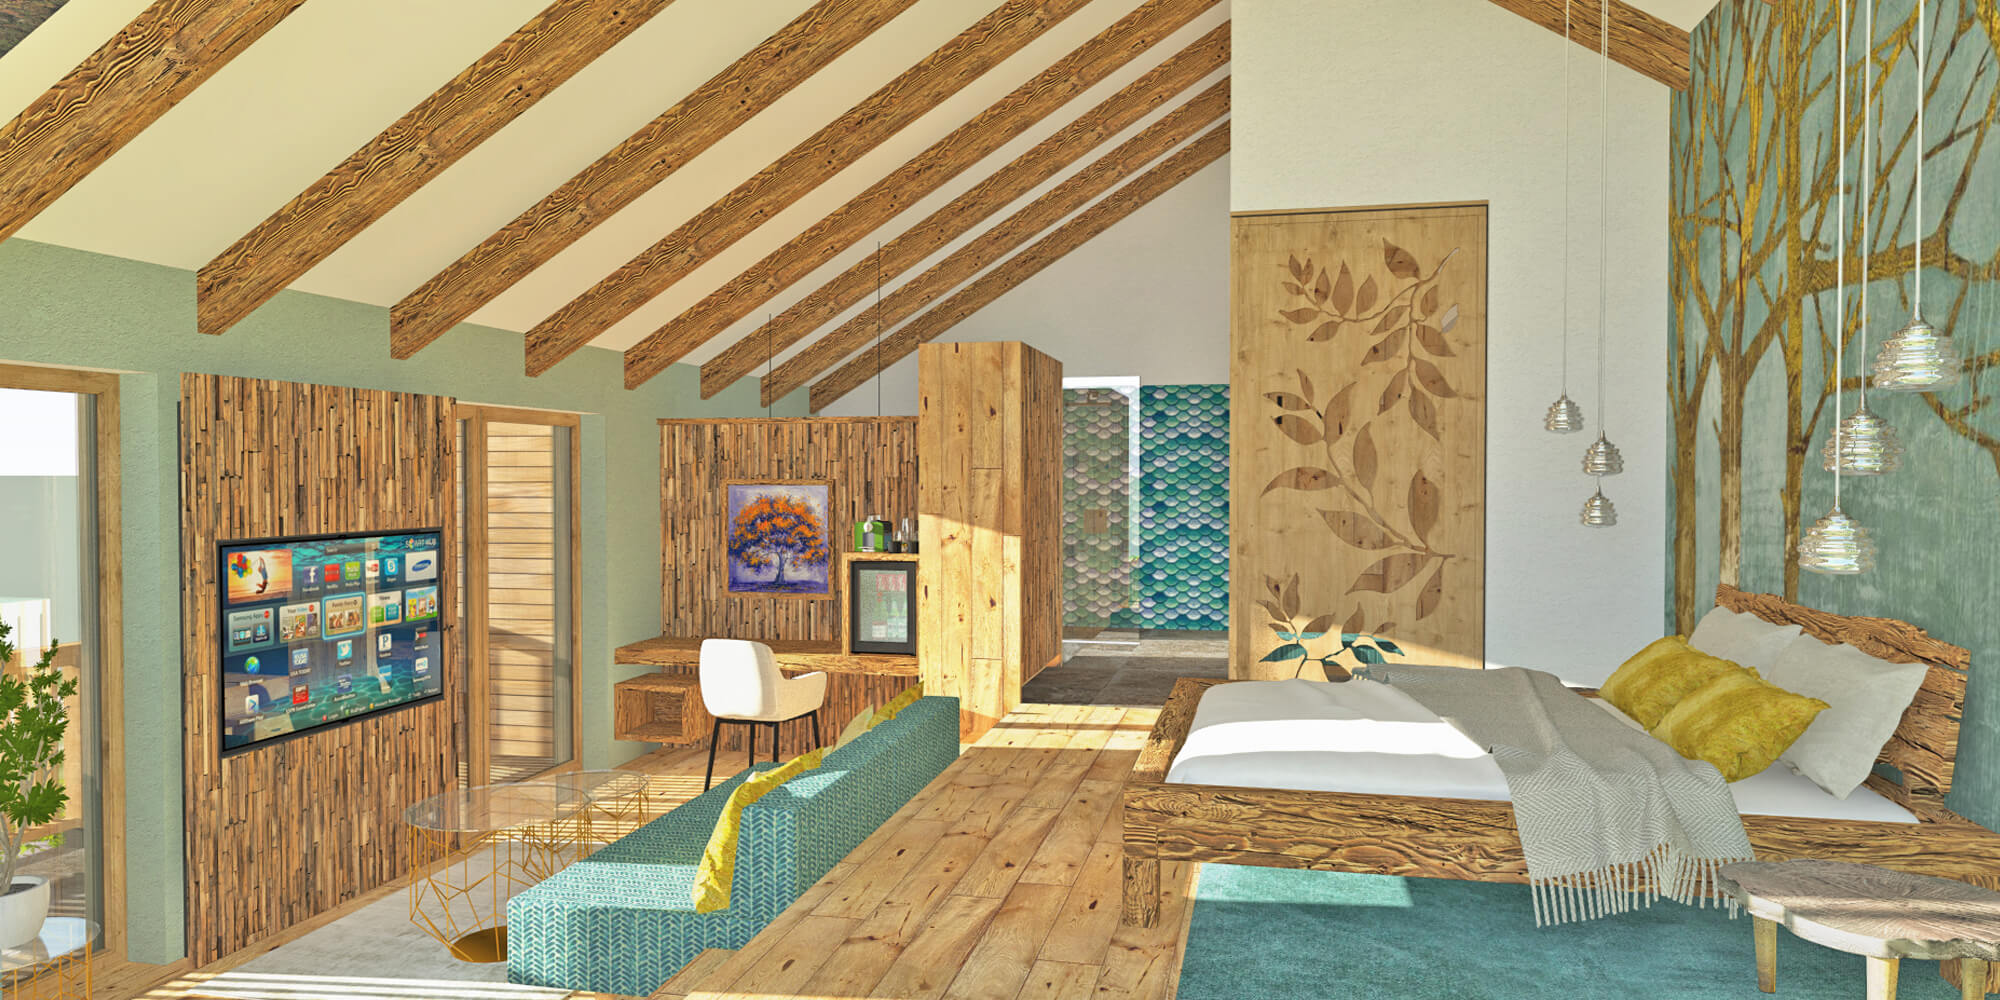 Cre-Plan-Design-Rauch-Frühmann-Architektur-Innenarchitektur-Design-Projekt-Referenz-Rund-ums-Haus-Gastroprojekt-Baumhäuser-7